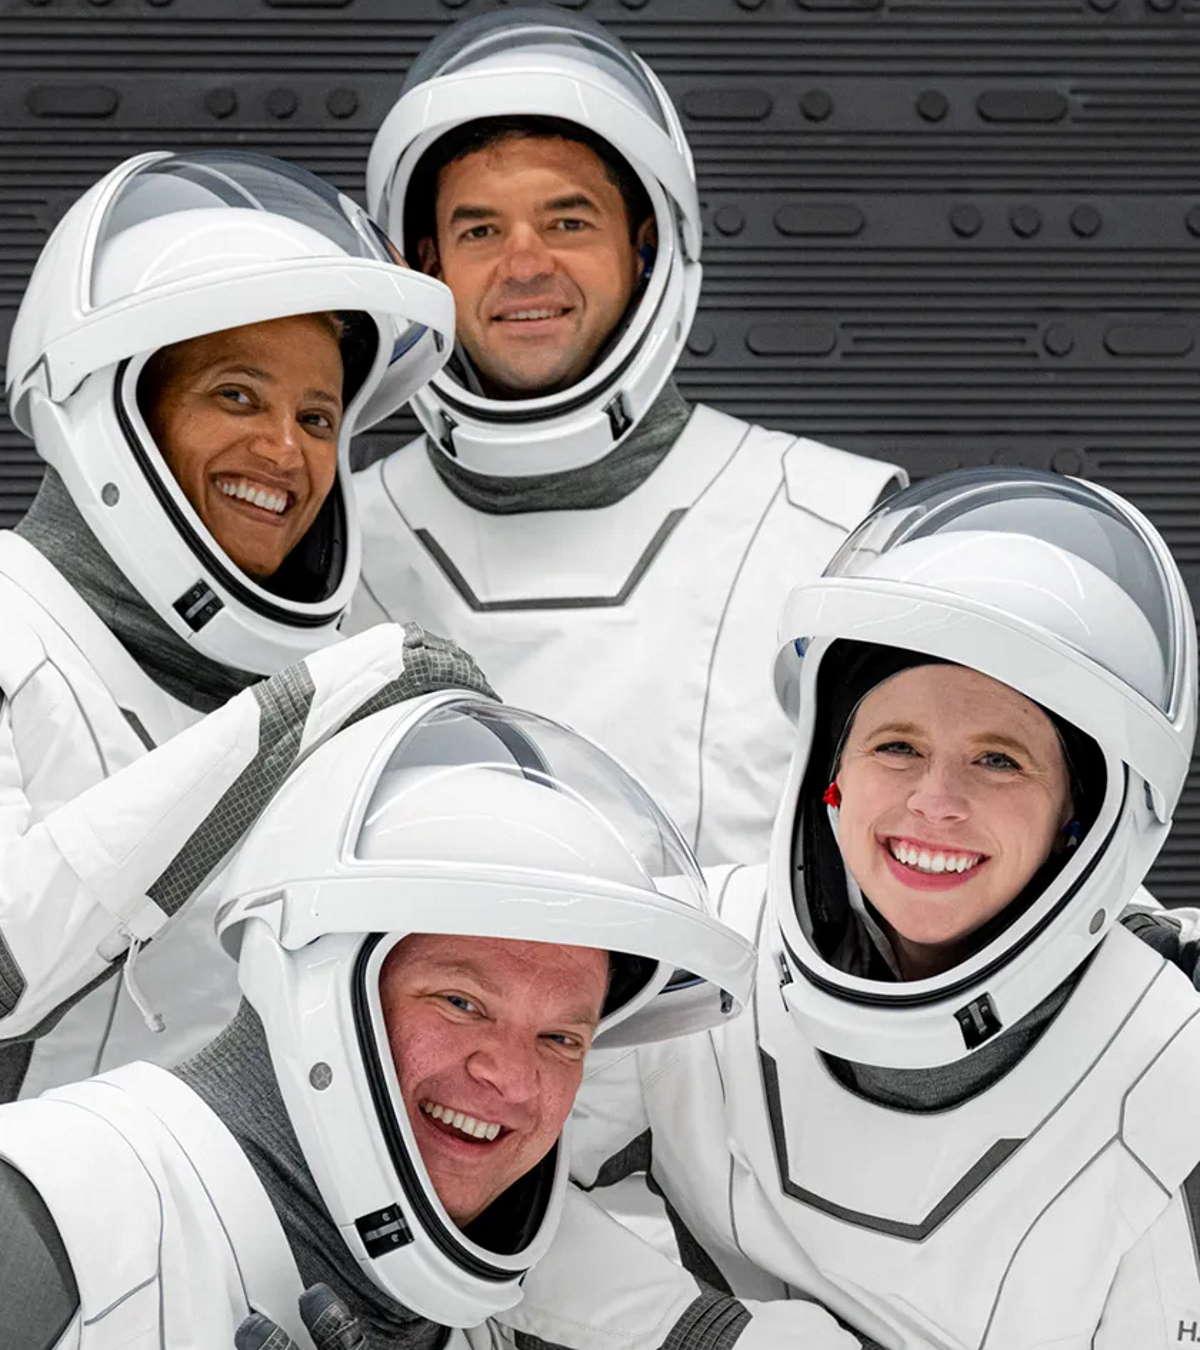 In diretta il lancio della missione spaziale Inspiration4 con a bordo solo astronauti non professionisti